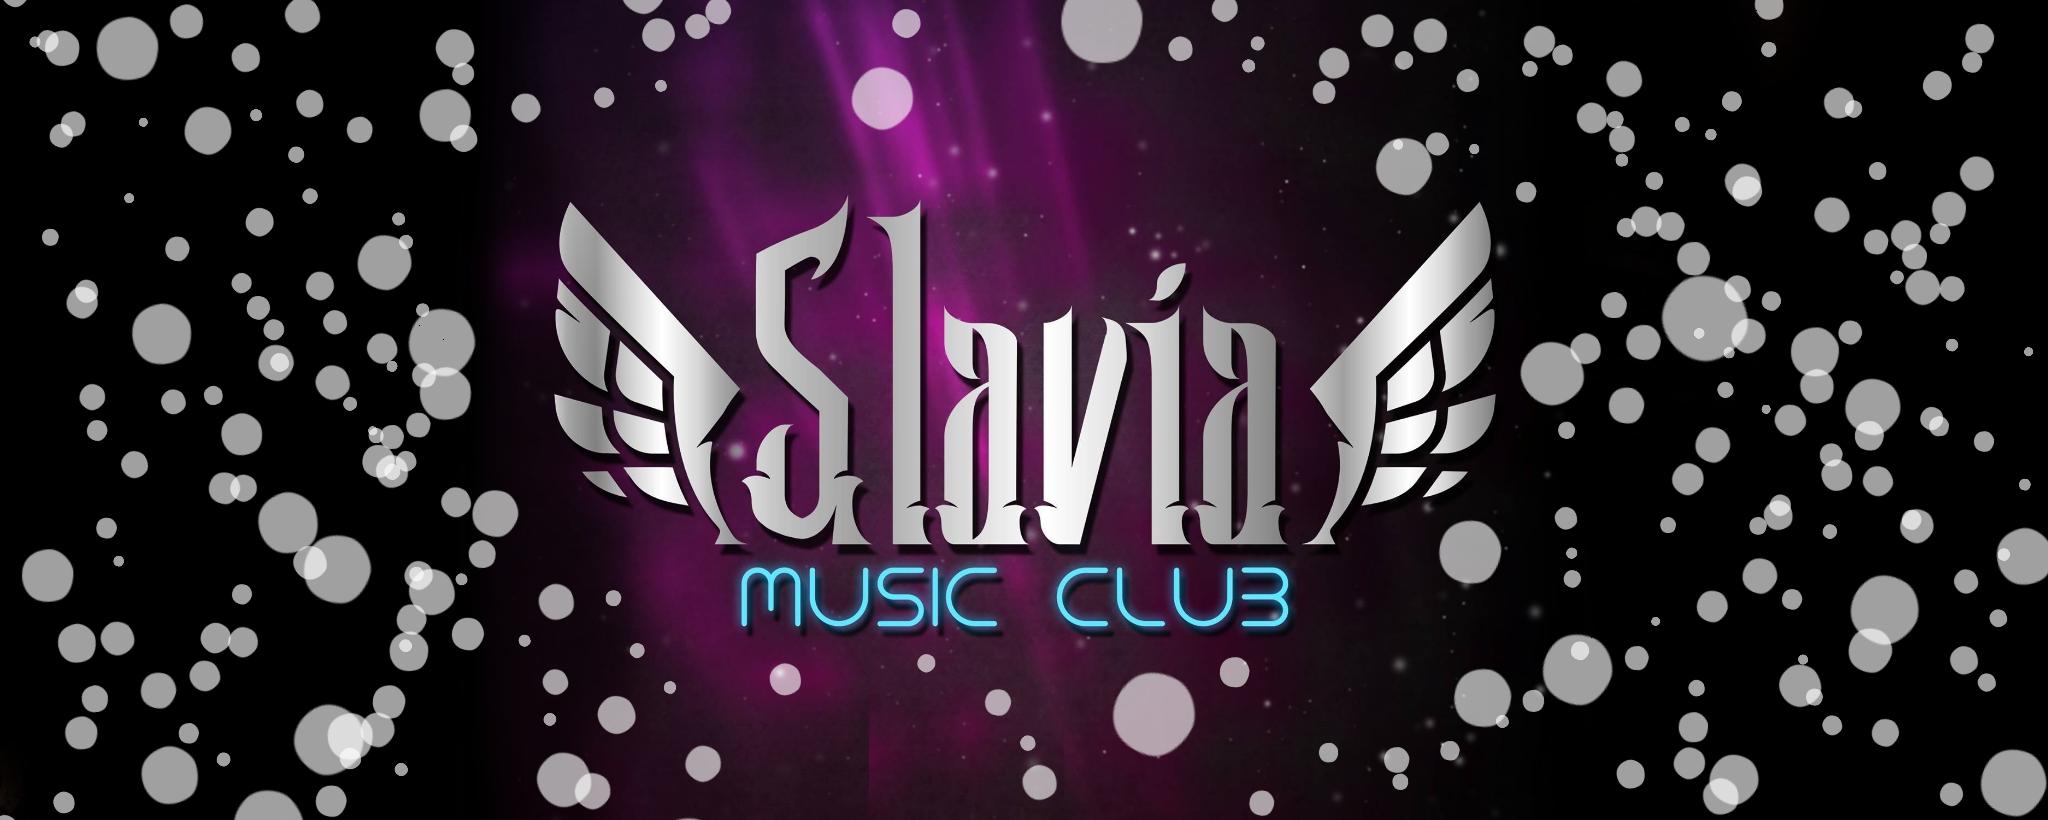 Music Club Slavia